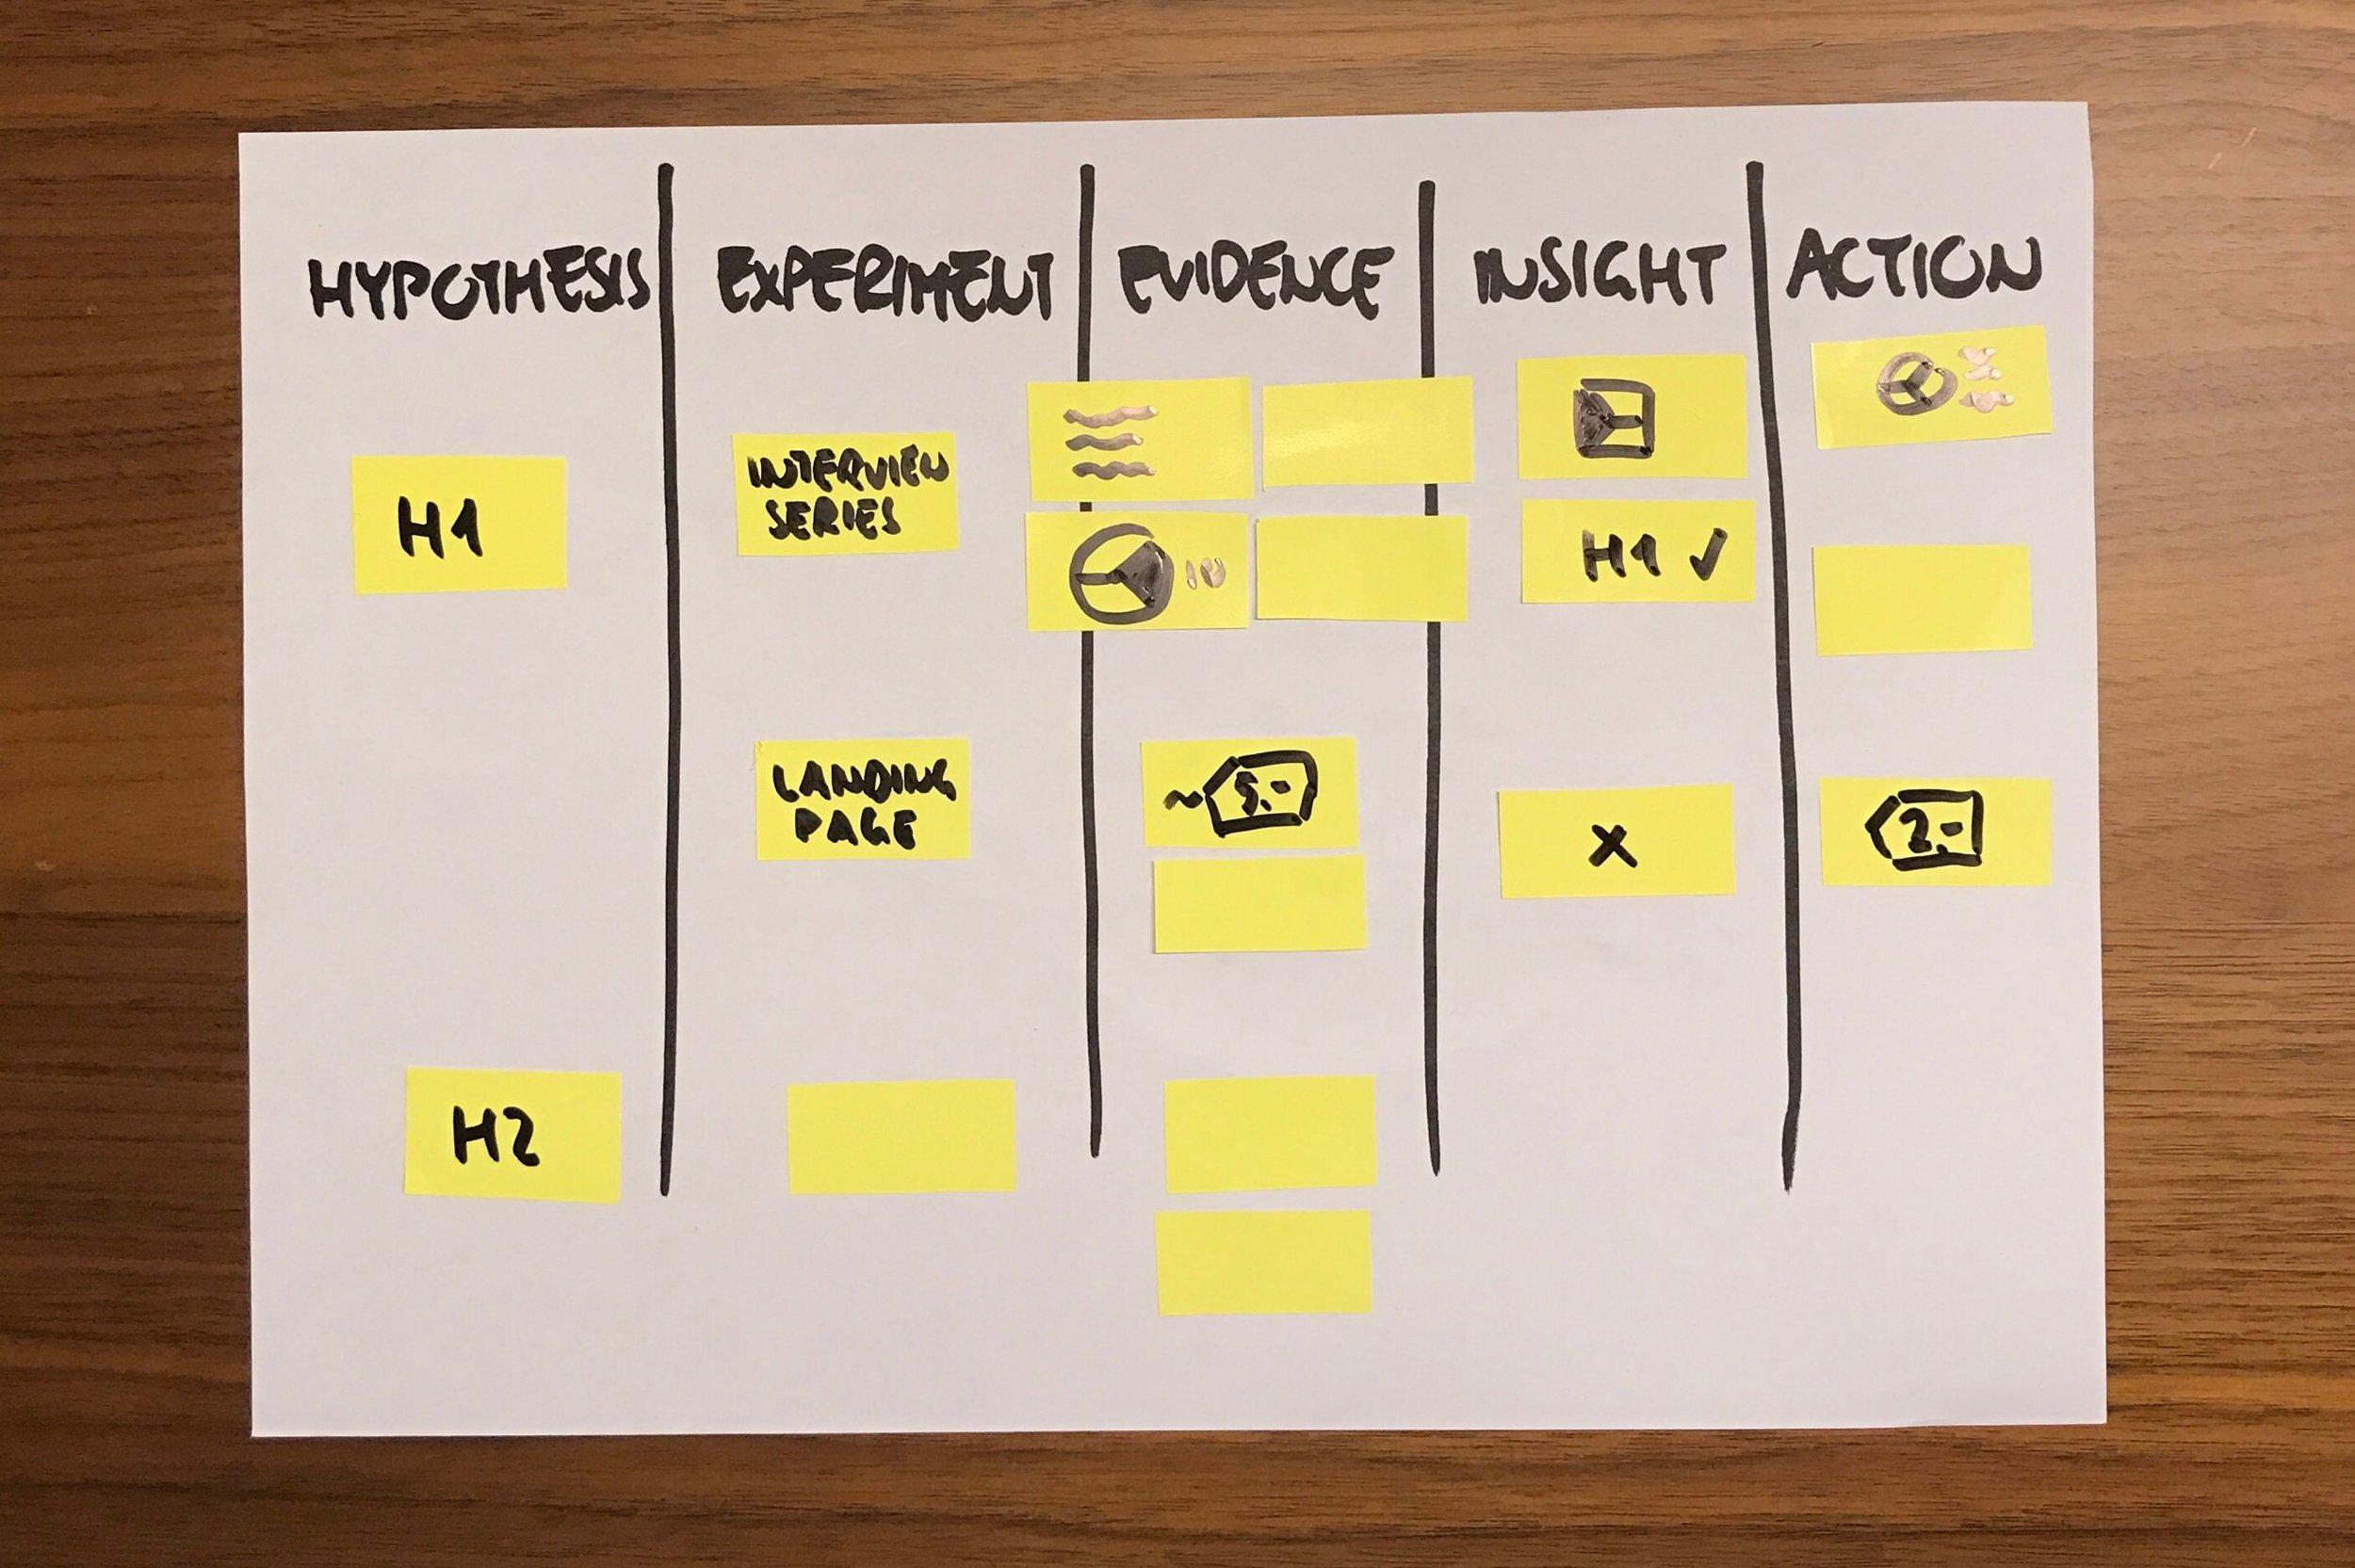 Strategyzer_Business_Tests_Progress